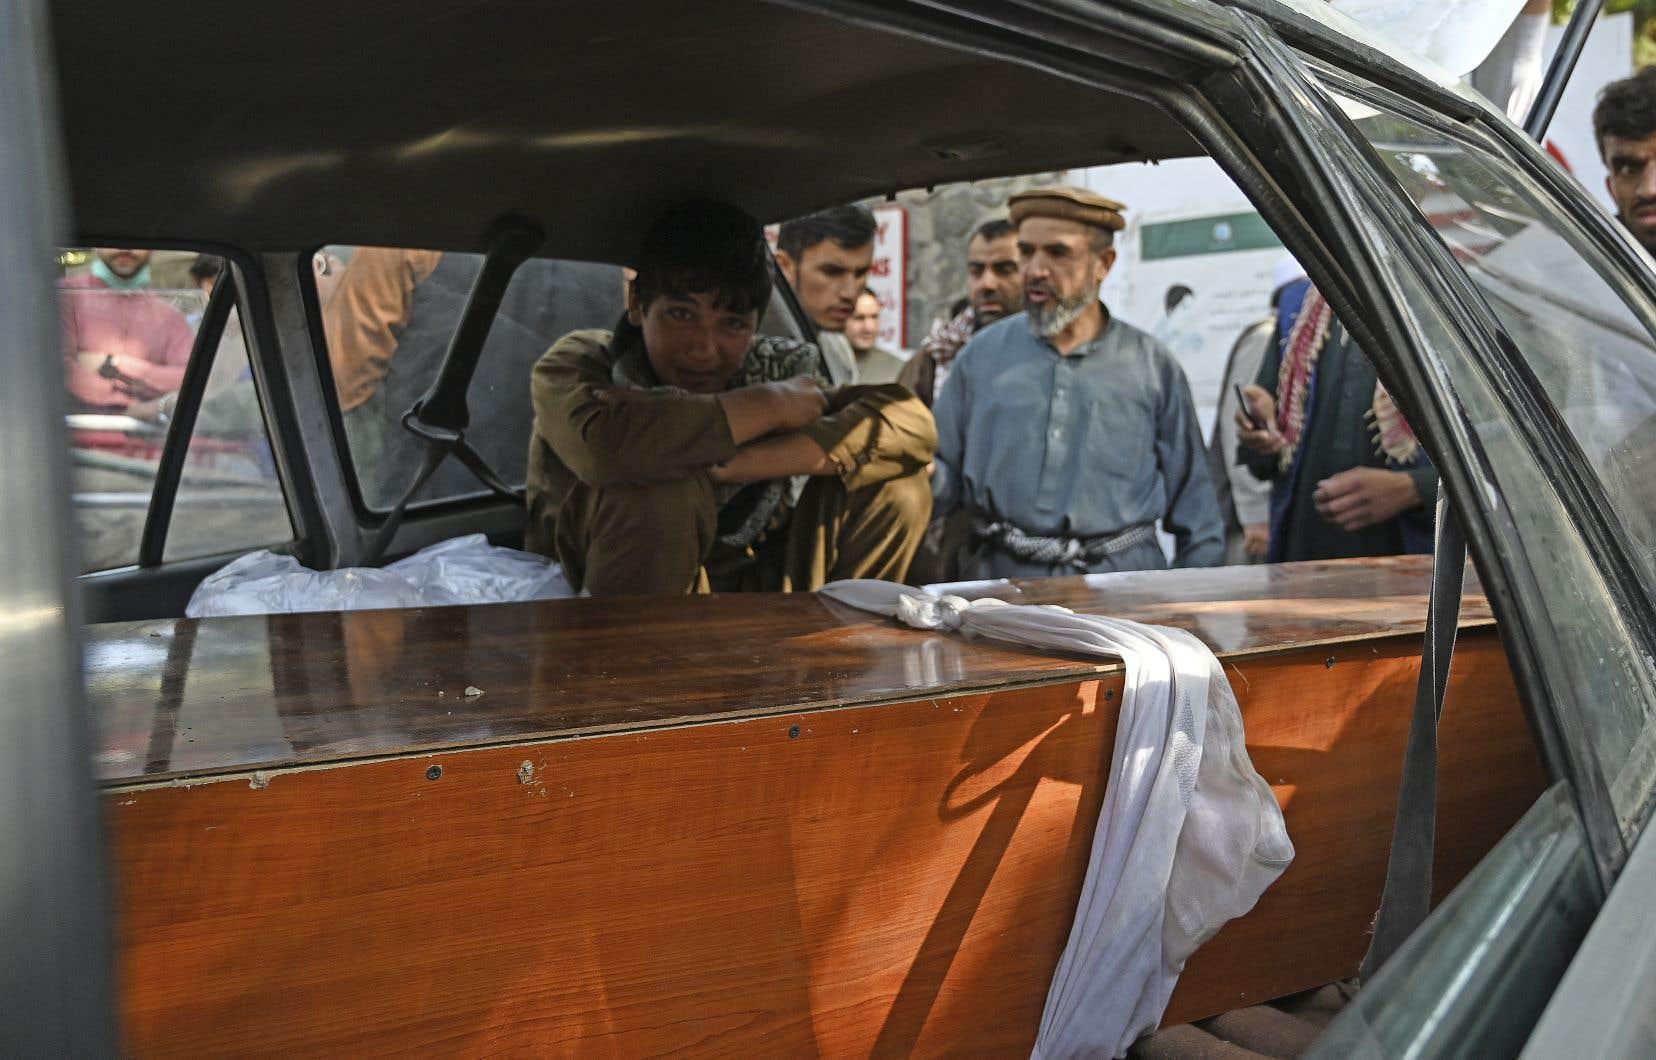 Les attentats à la bombe de jeudi près de l'aéroport ont tué au moins 95 Afghans et 13 soldats américains, ont déclaré des responsables des deux pays.